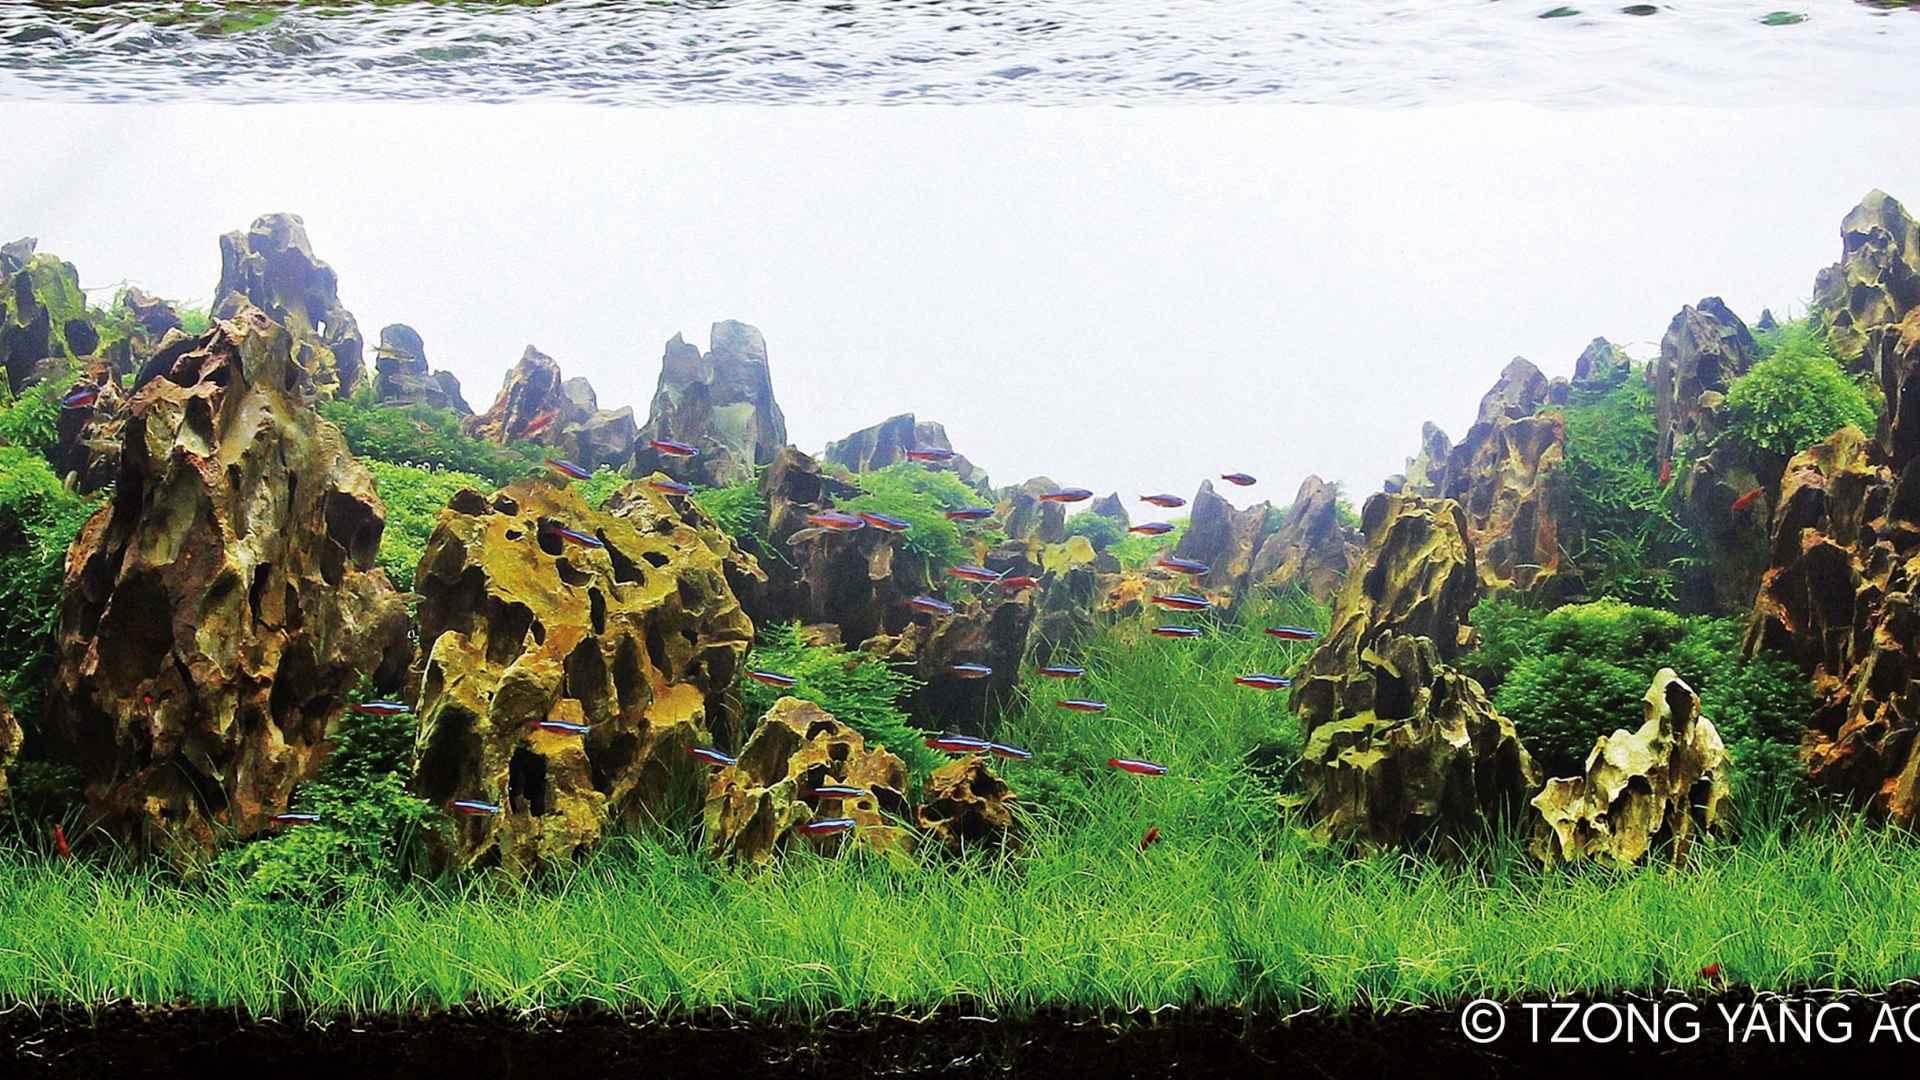 伊士达IIAC2015水草造景大赛41~50造景图片欣赏